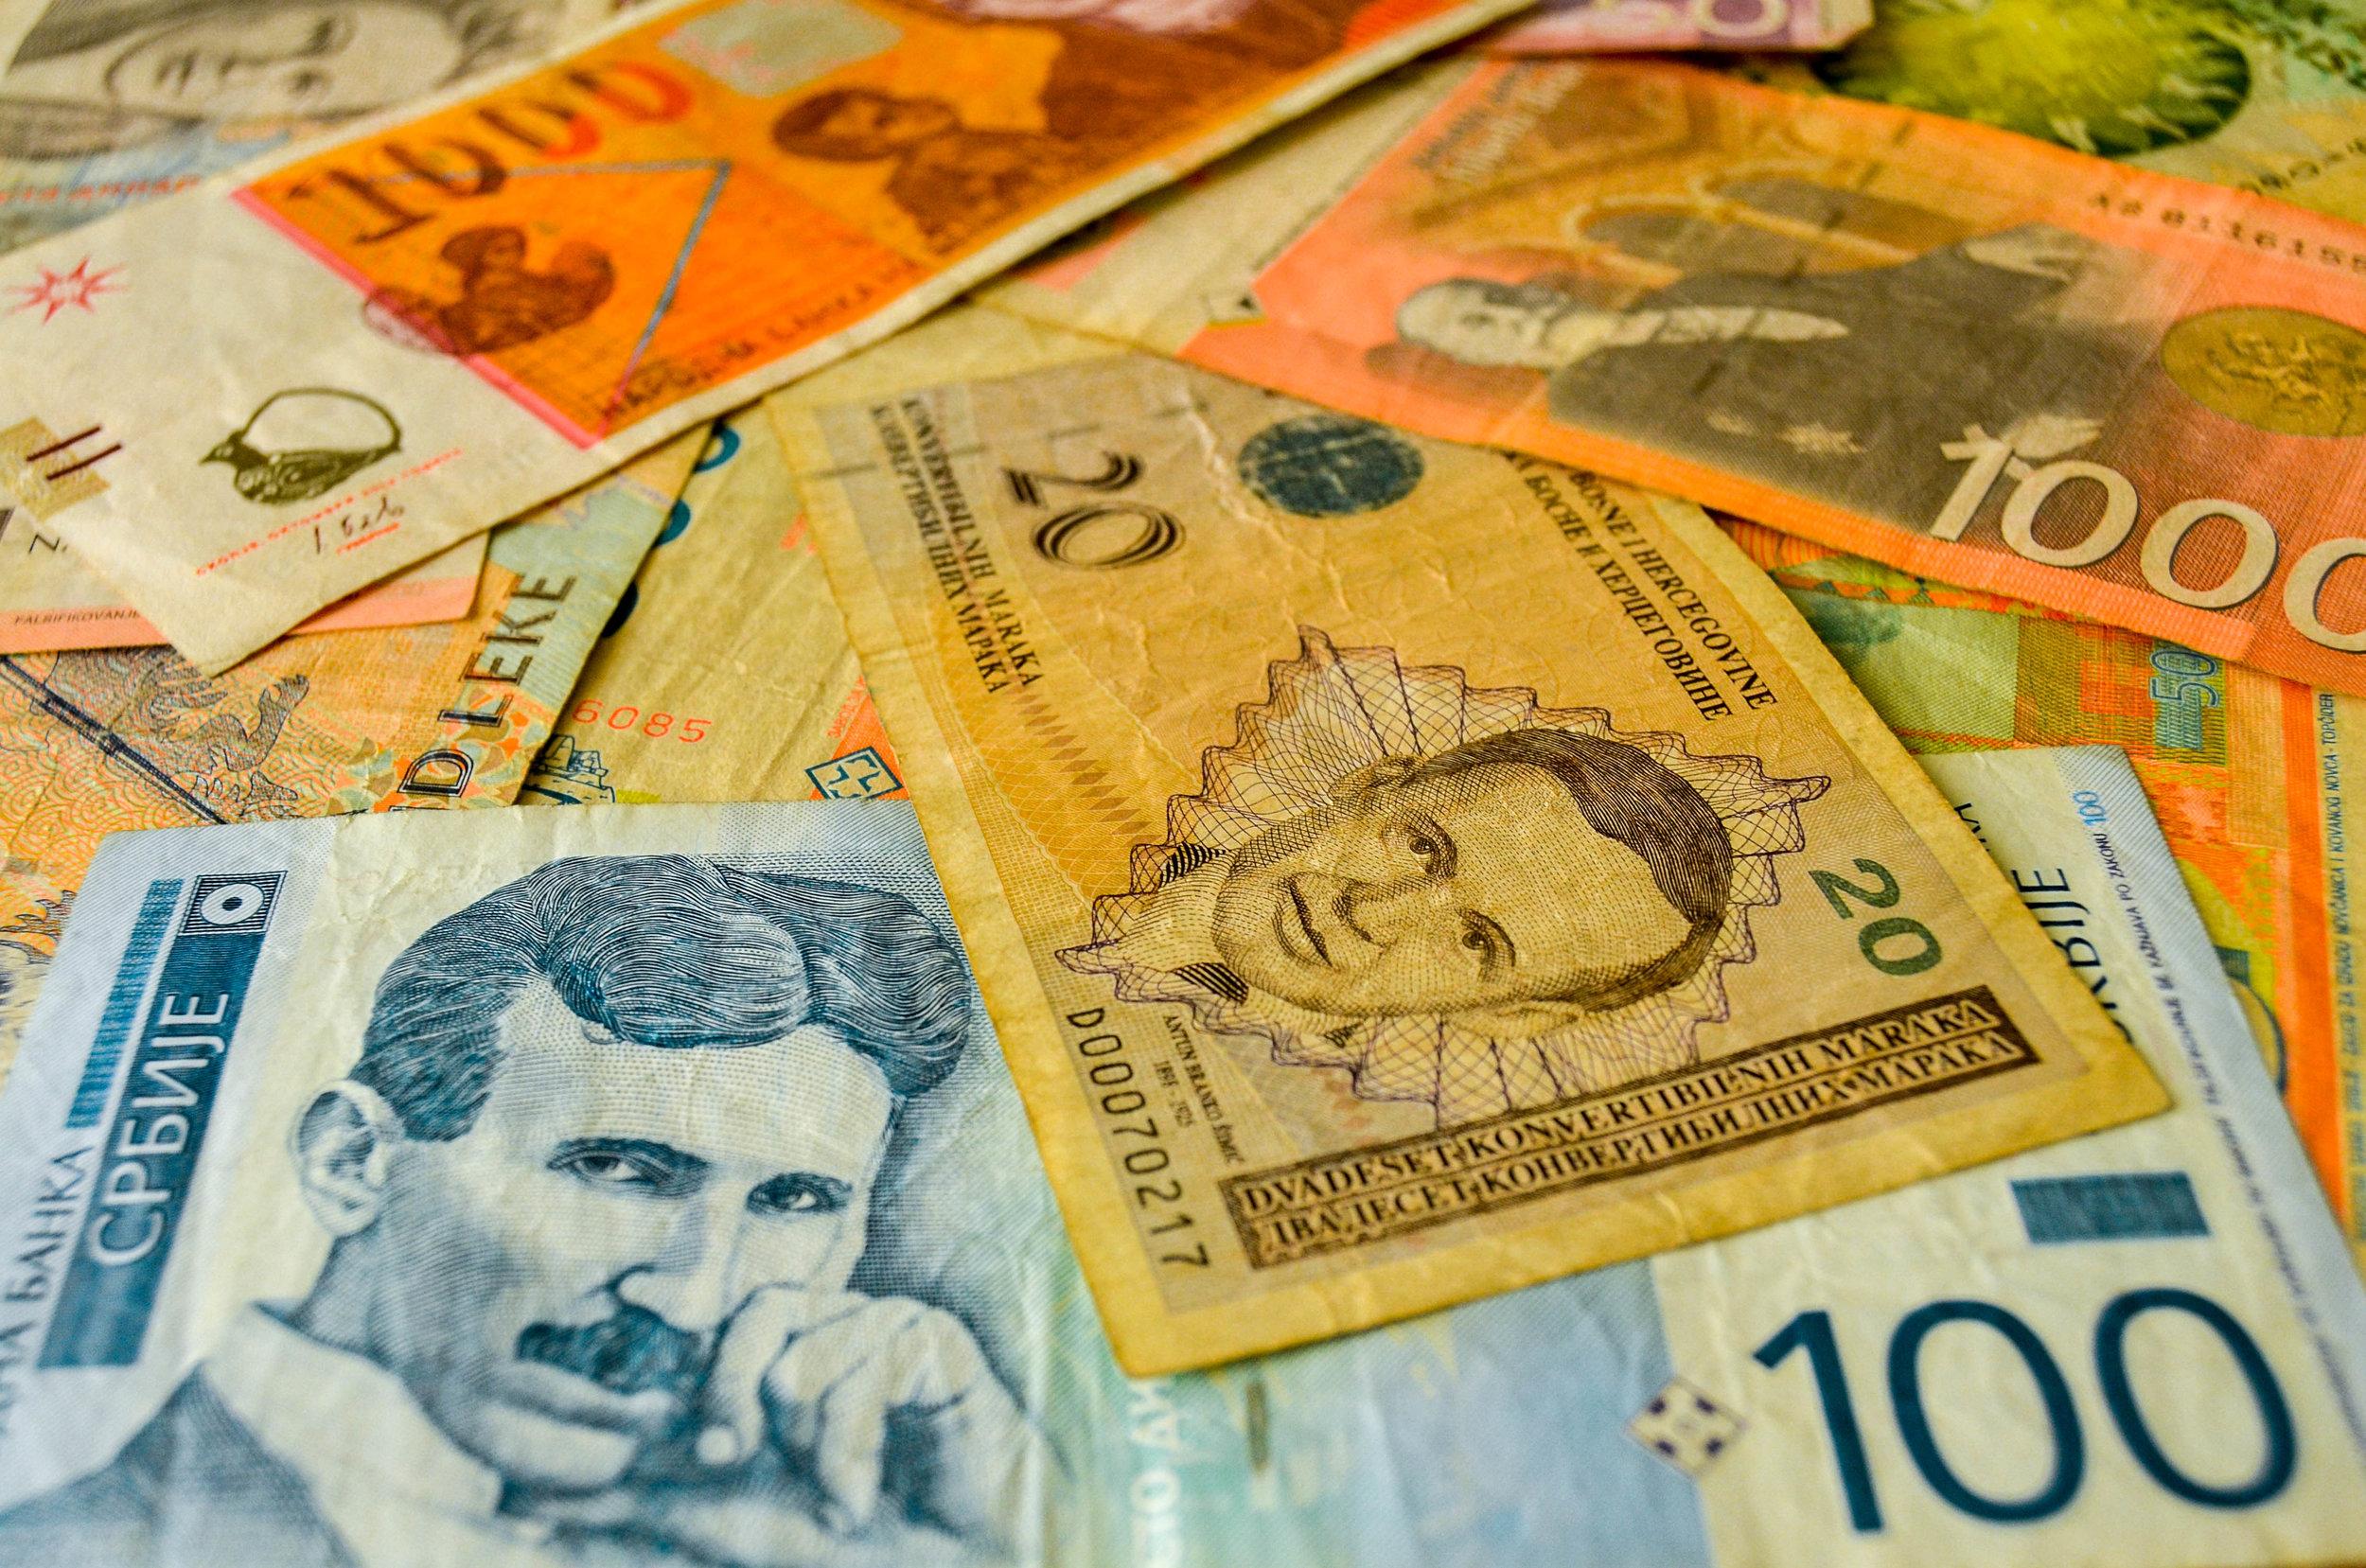 A mix of Balkan currencies